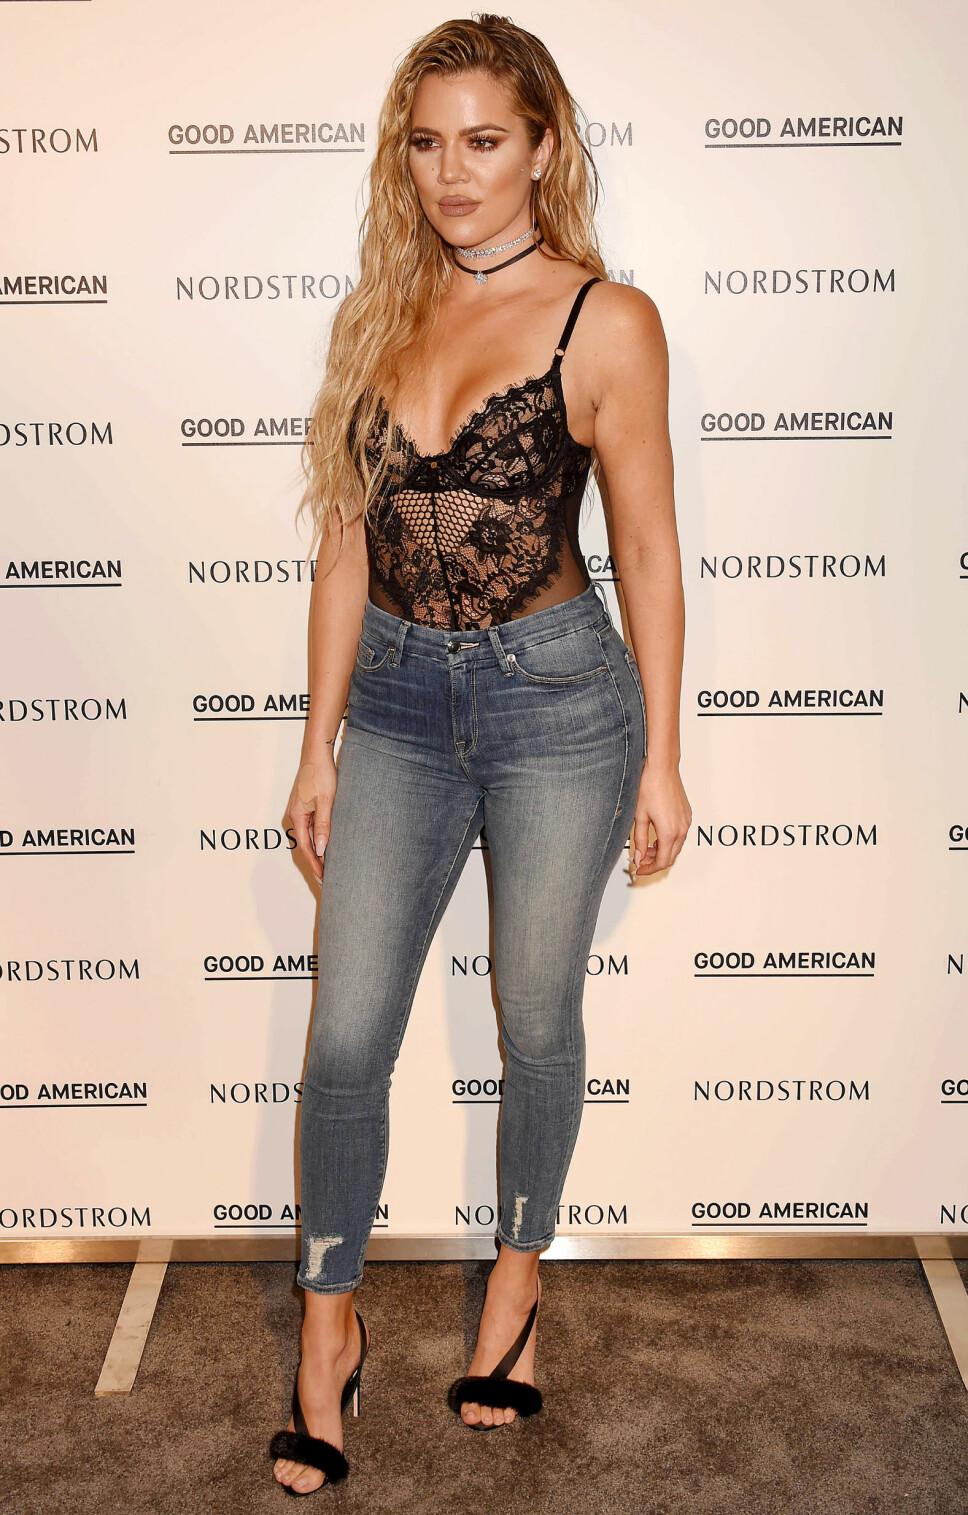 I HARDT VÆR: Khloe Kardashian kom i skade for å kalle en fan «søt» for å spare til et par jeans fra merket henens. Det falt ikke i god jord på Twitter. Her er hun ikledd jeans fra eget merke.